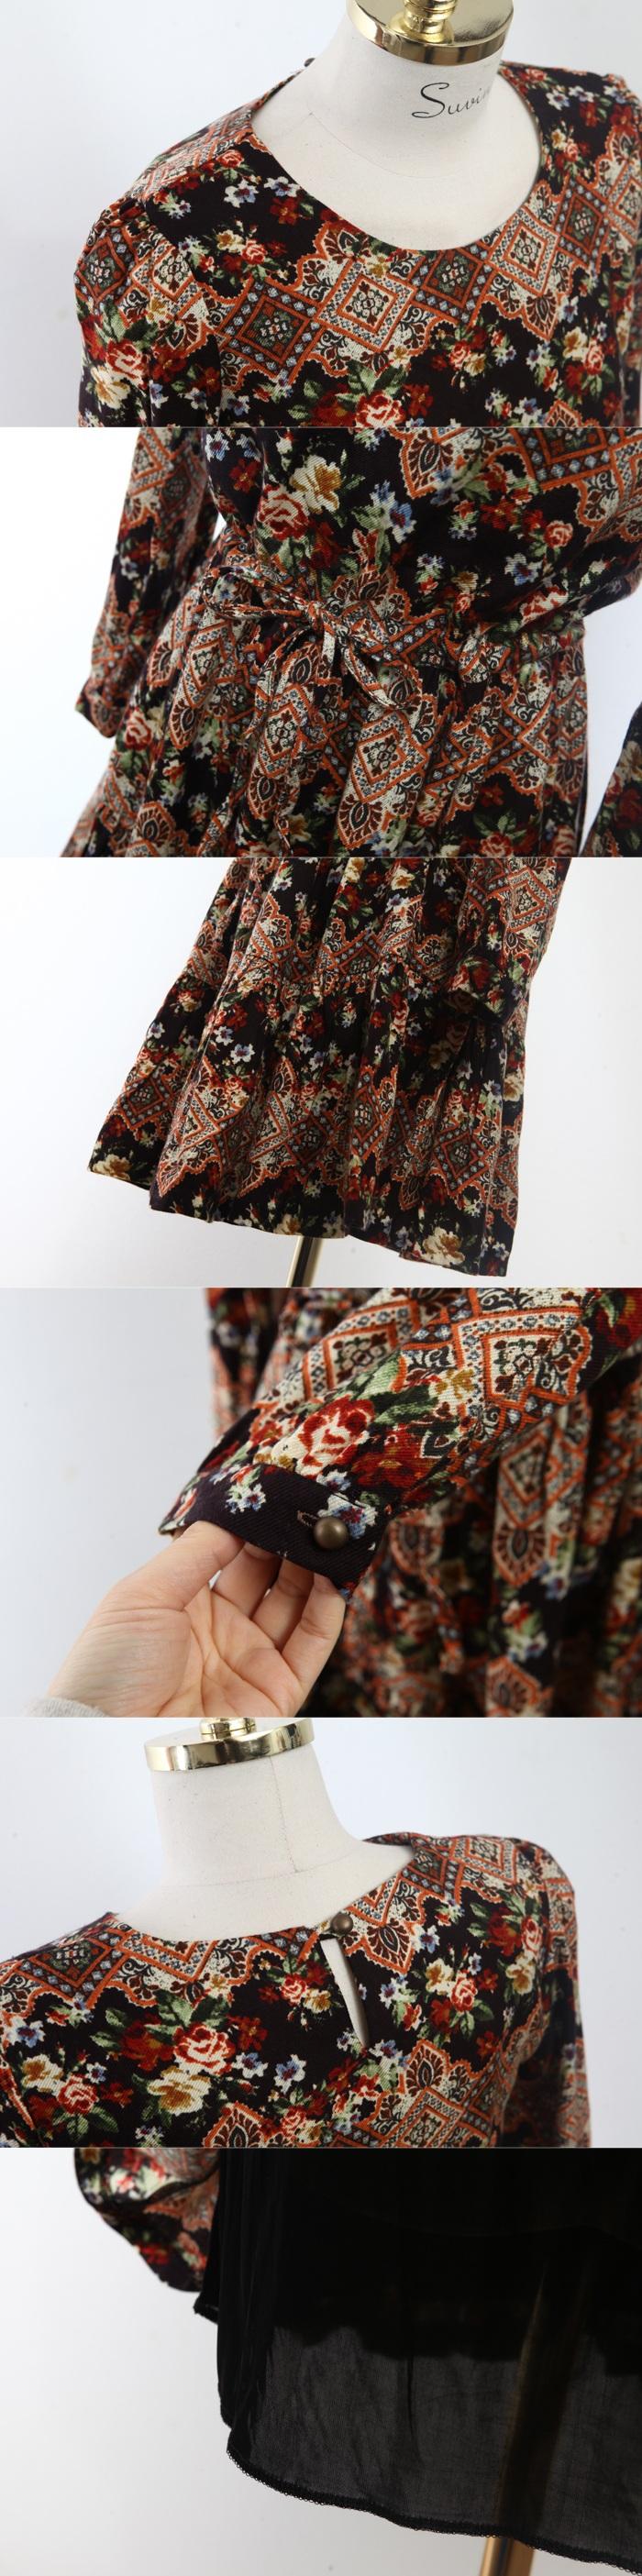 Suvin - Vintage Rose dress - 6